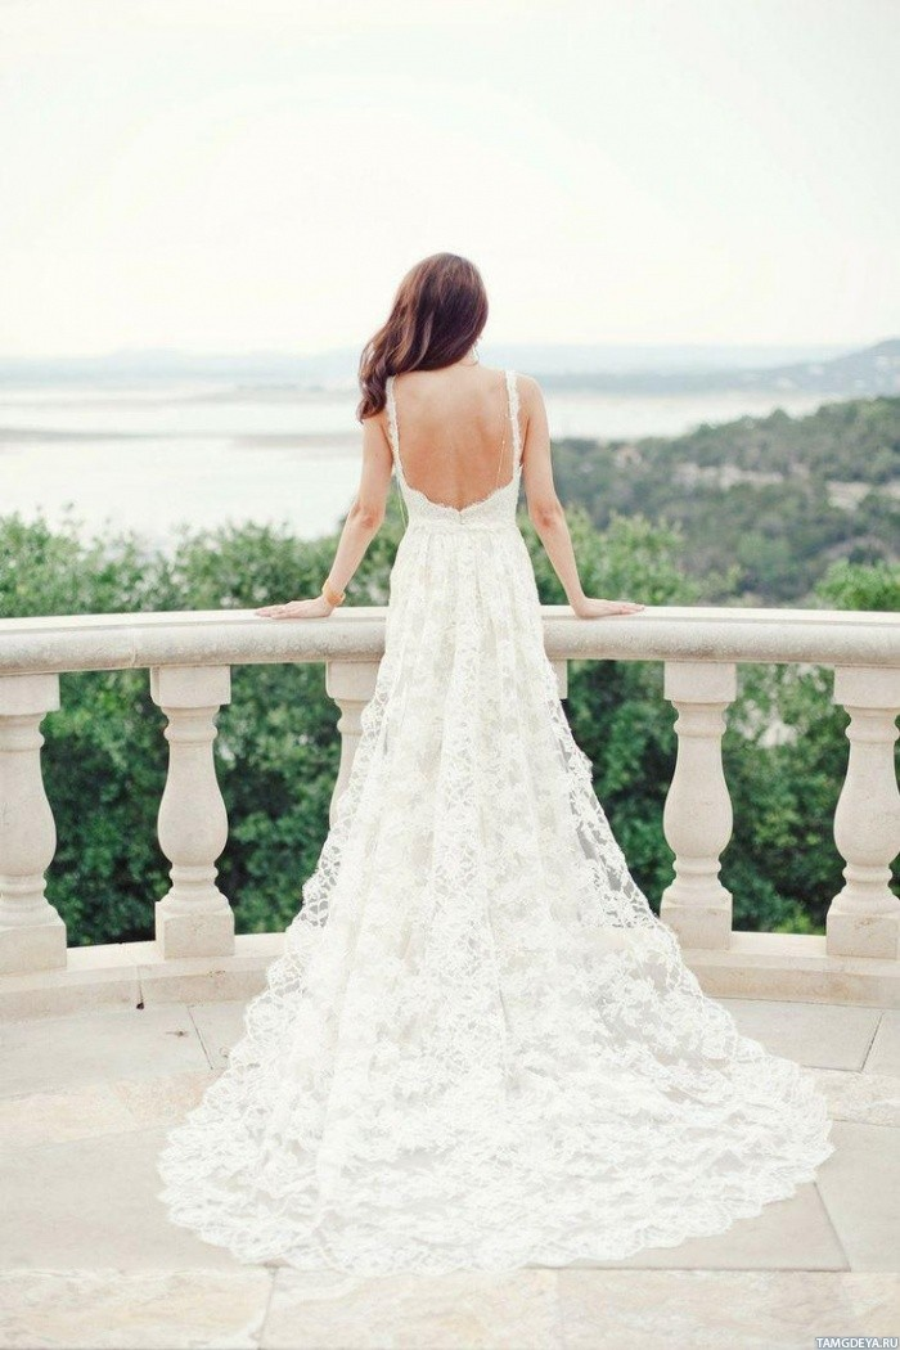 Картинка девушка спиной в свадебном платье